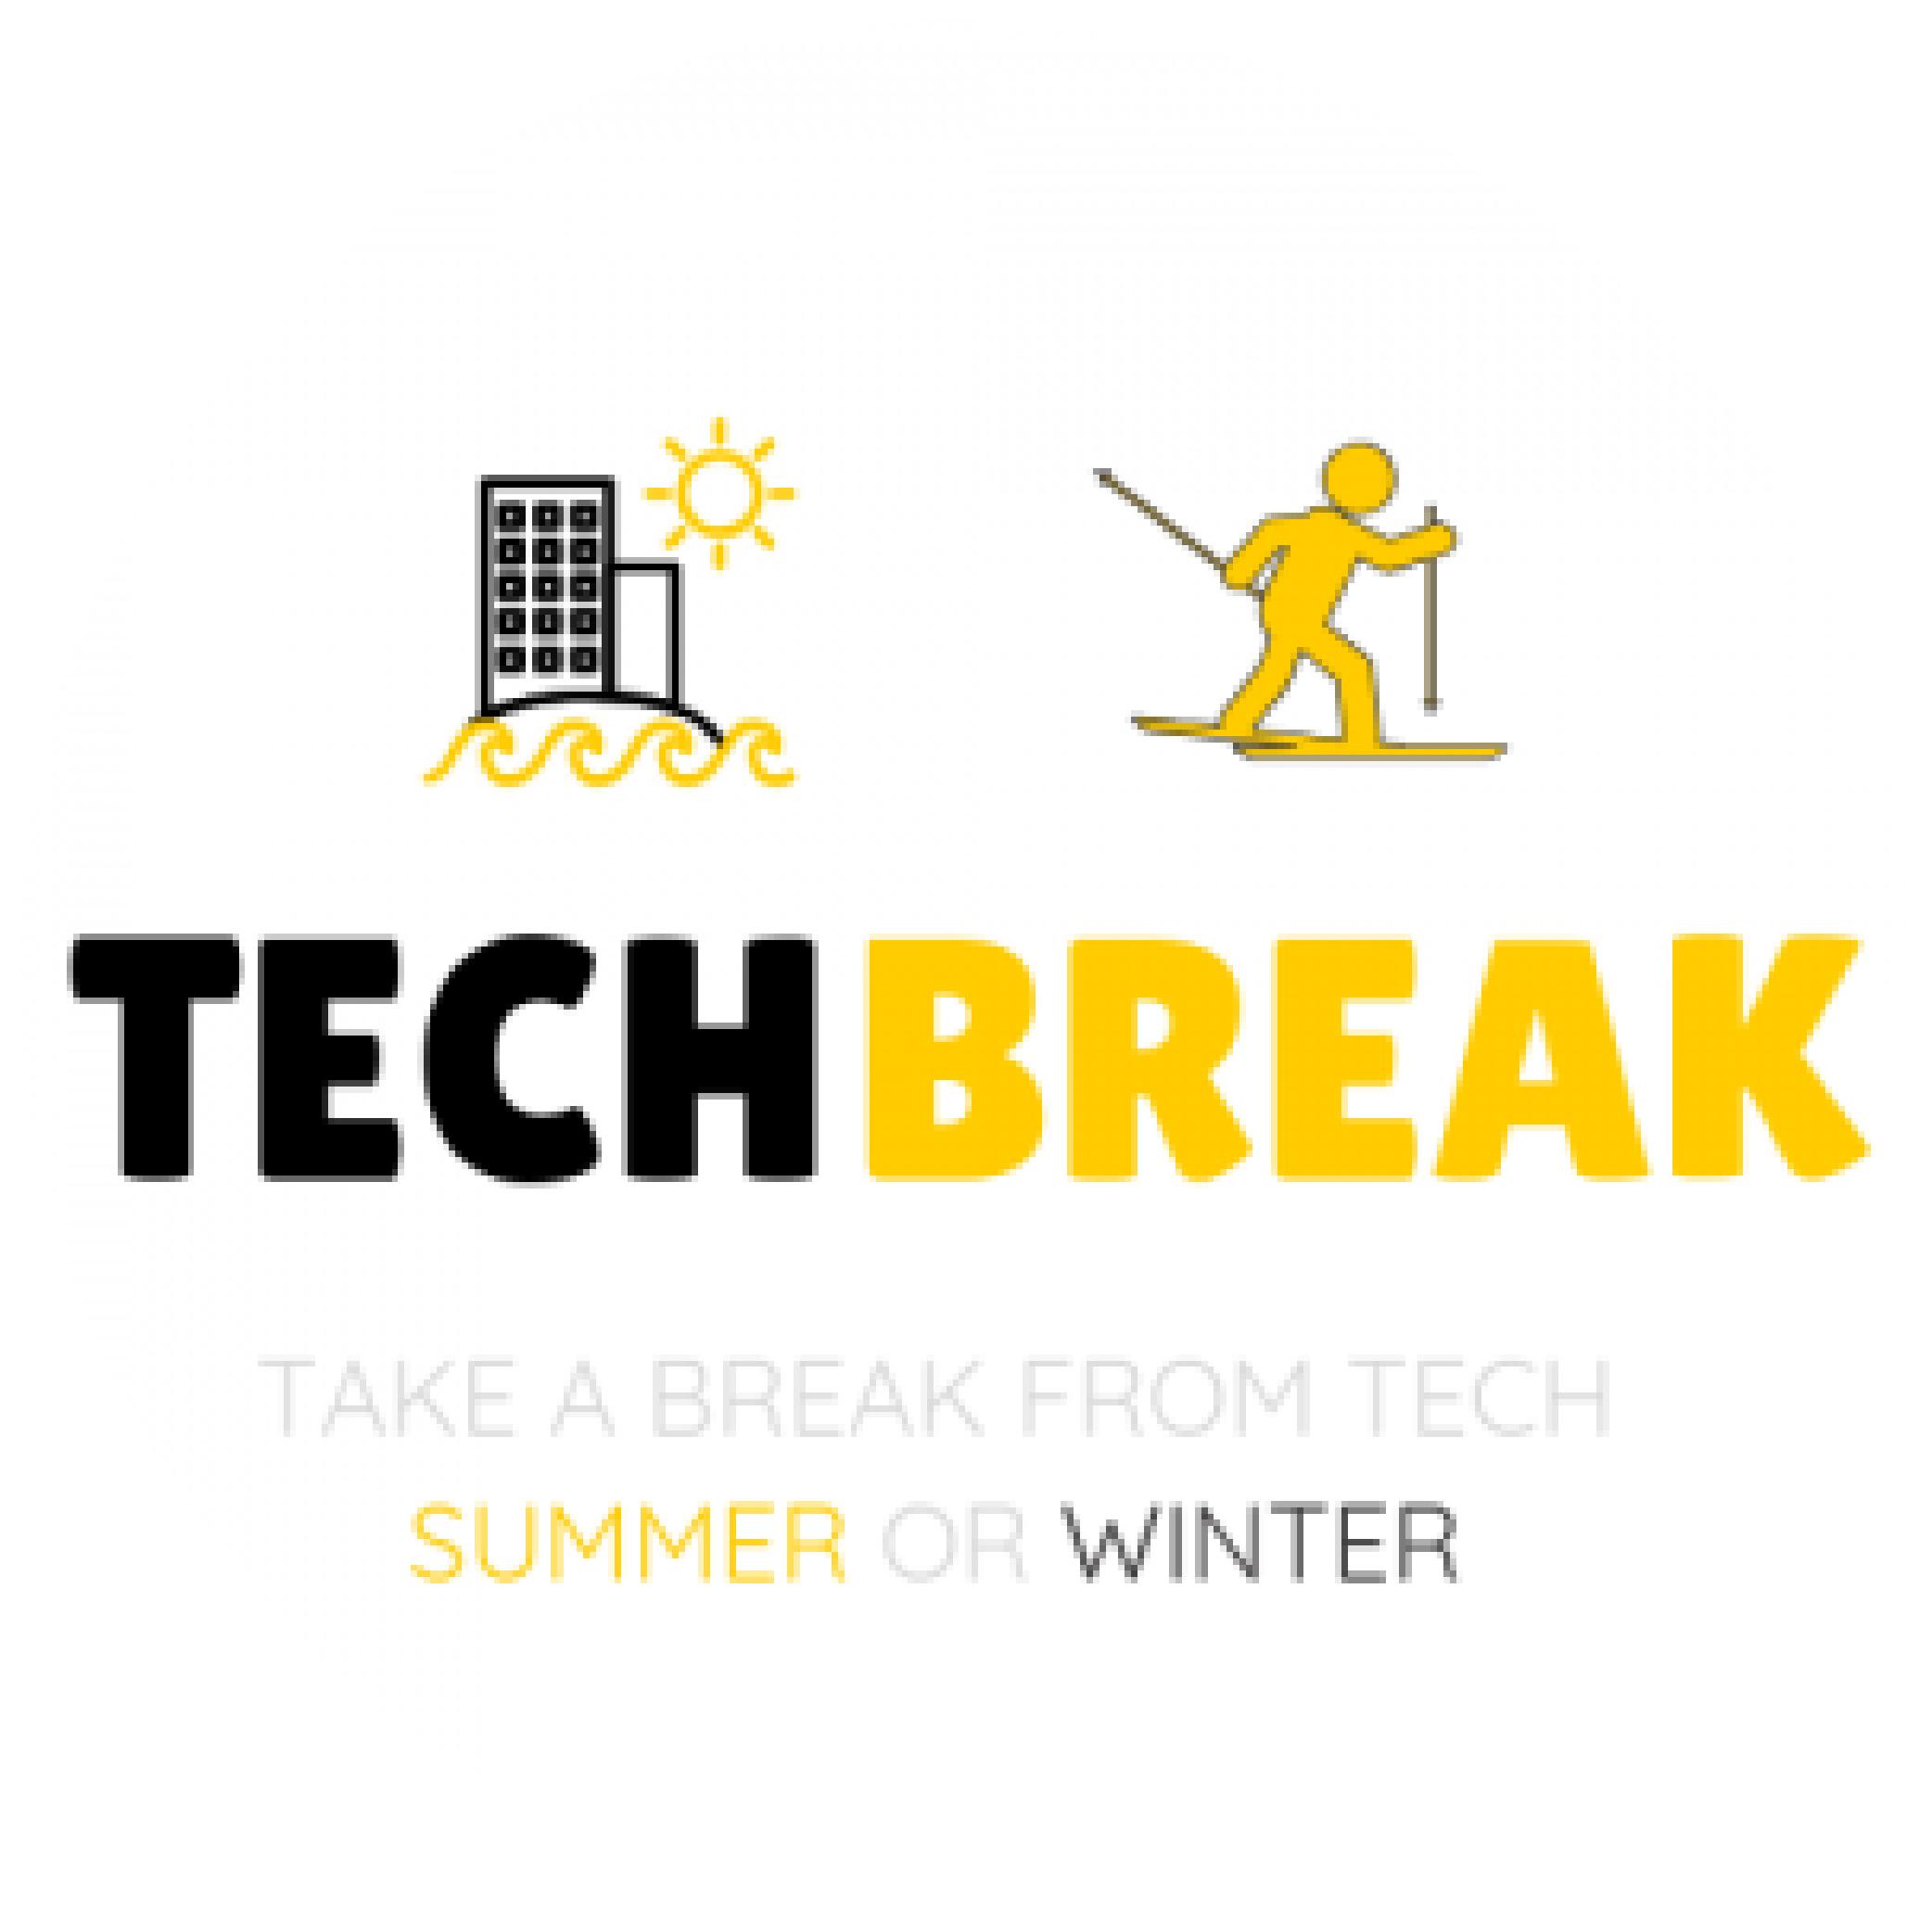 Tech Break